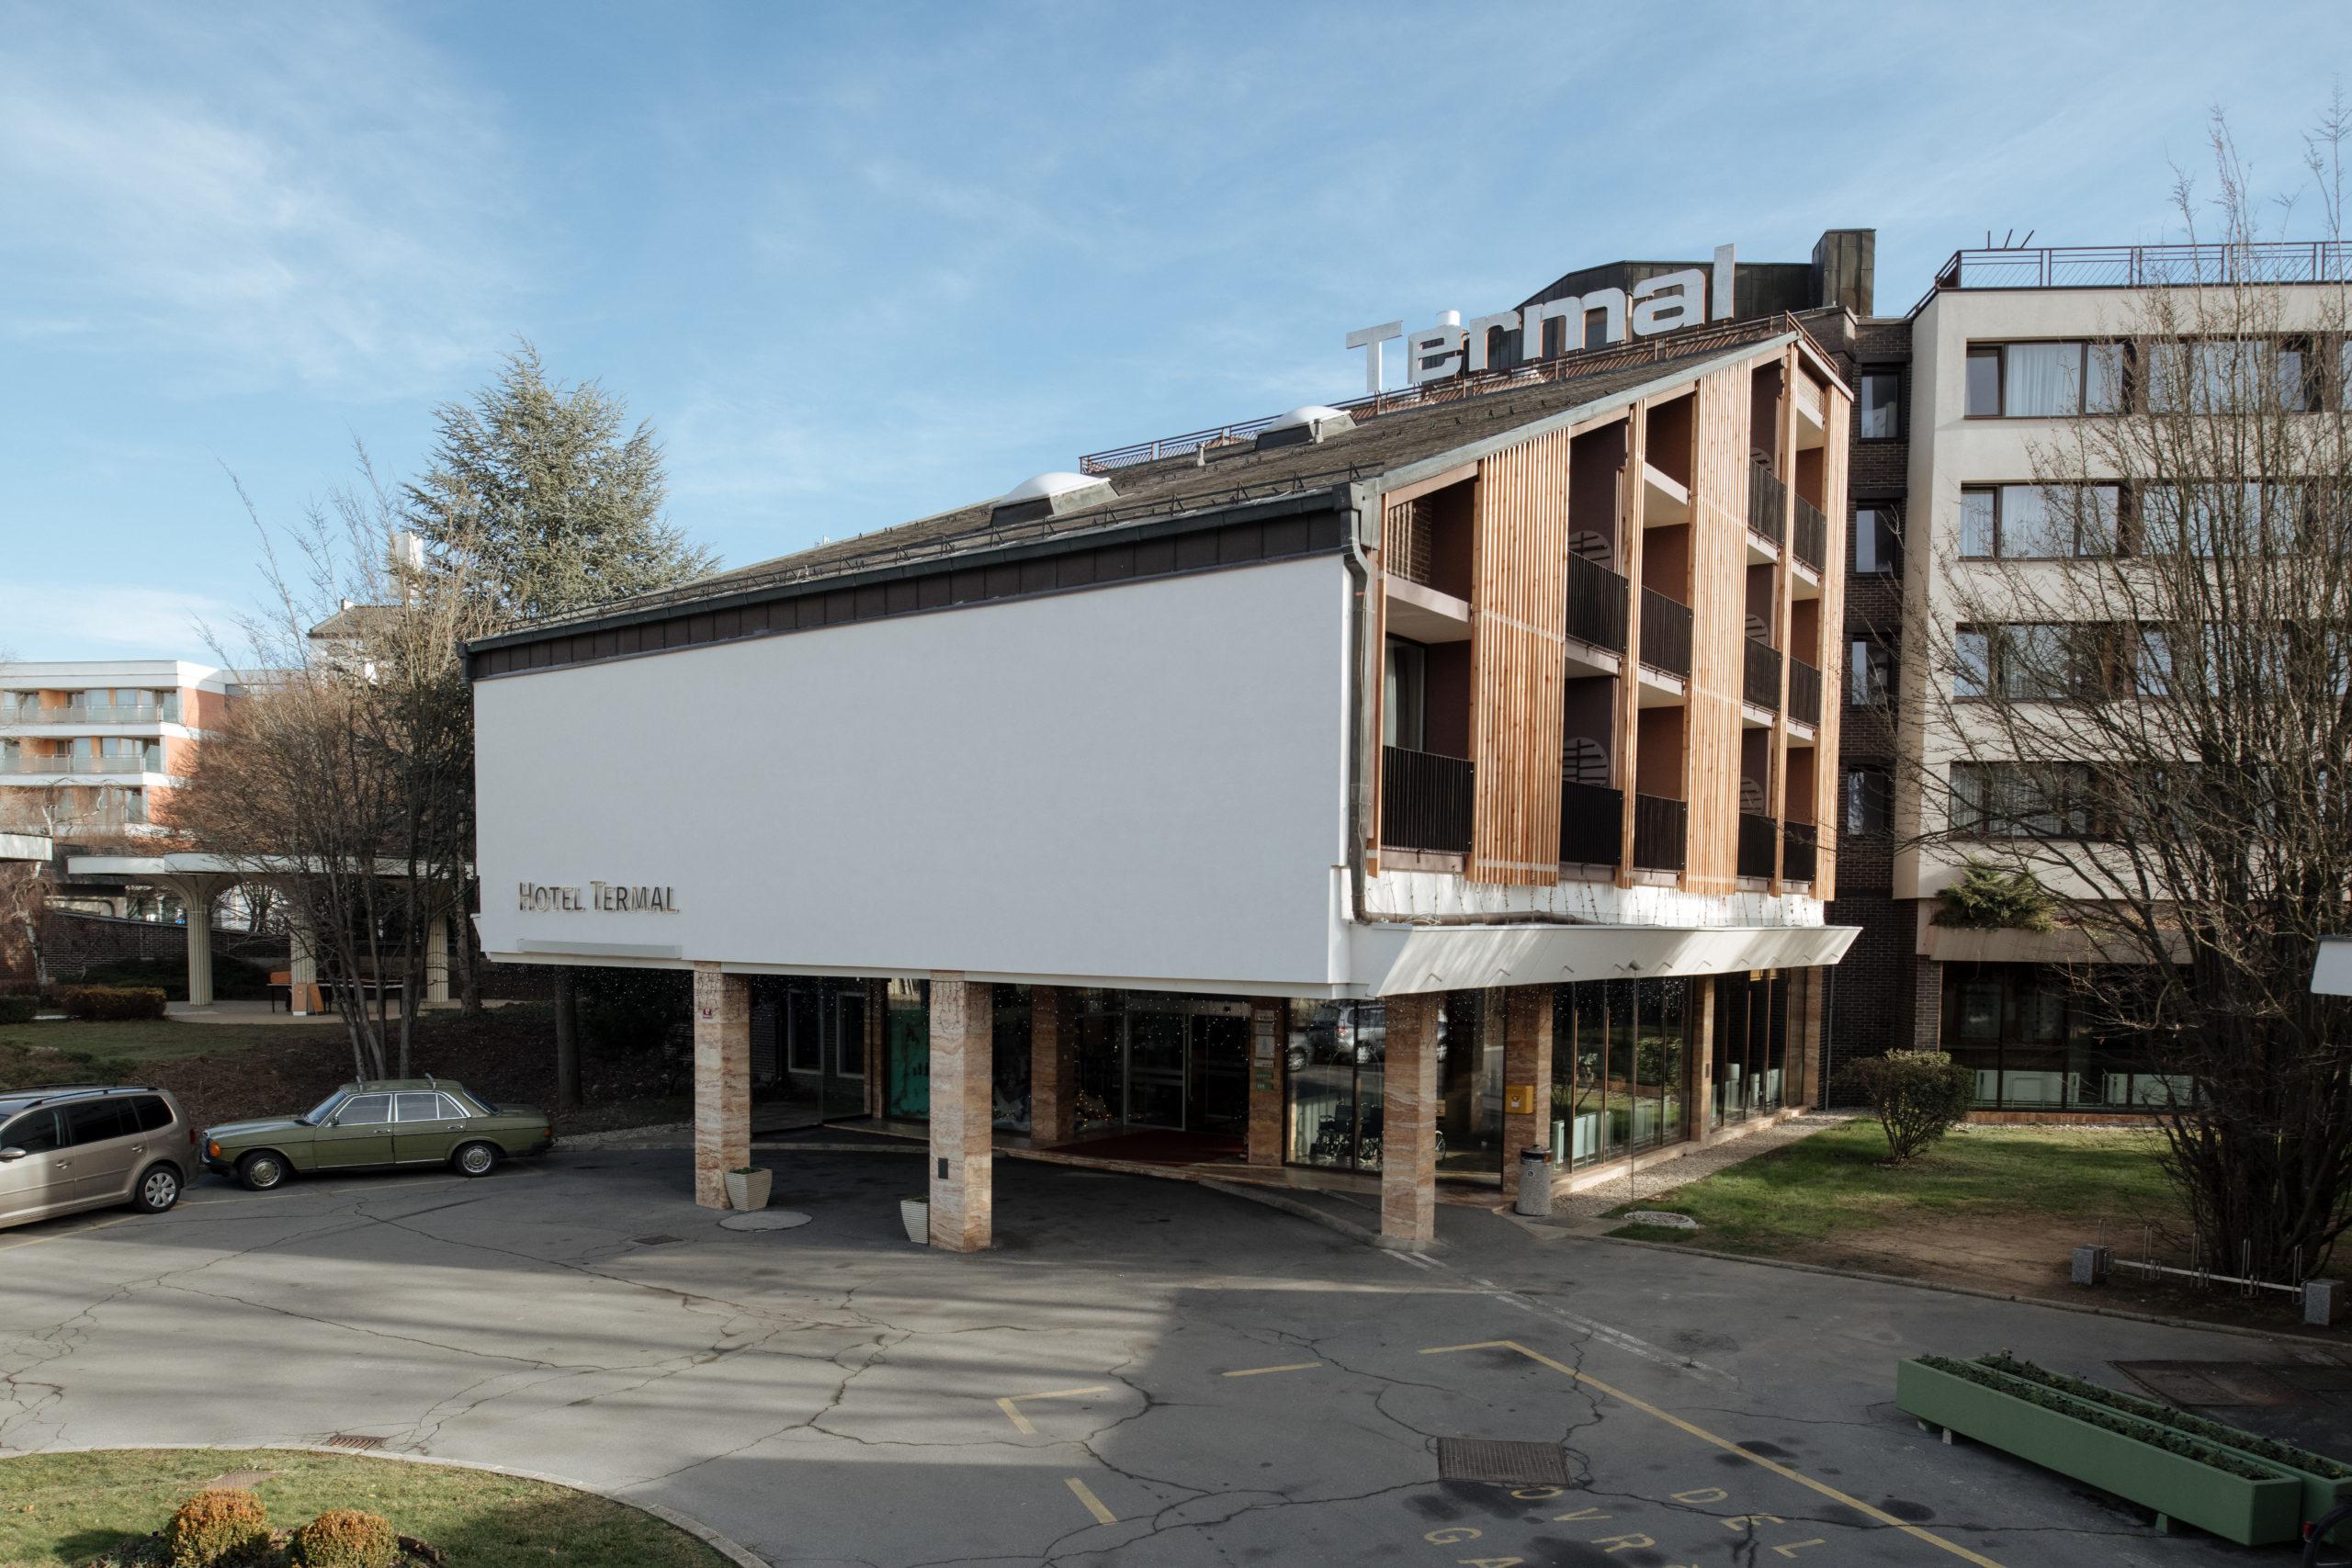 Hotel_Termal_new_facade_02_PhotoSK_2020